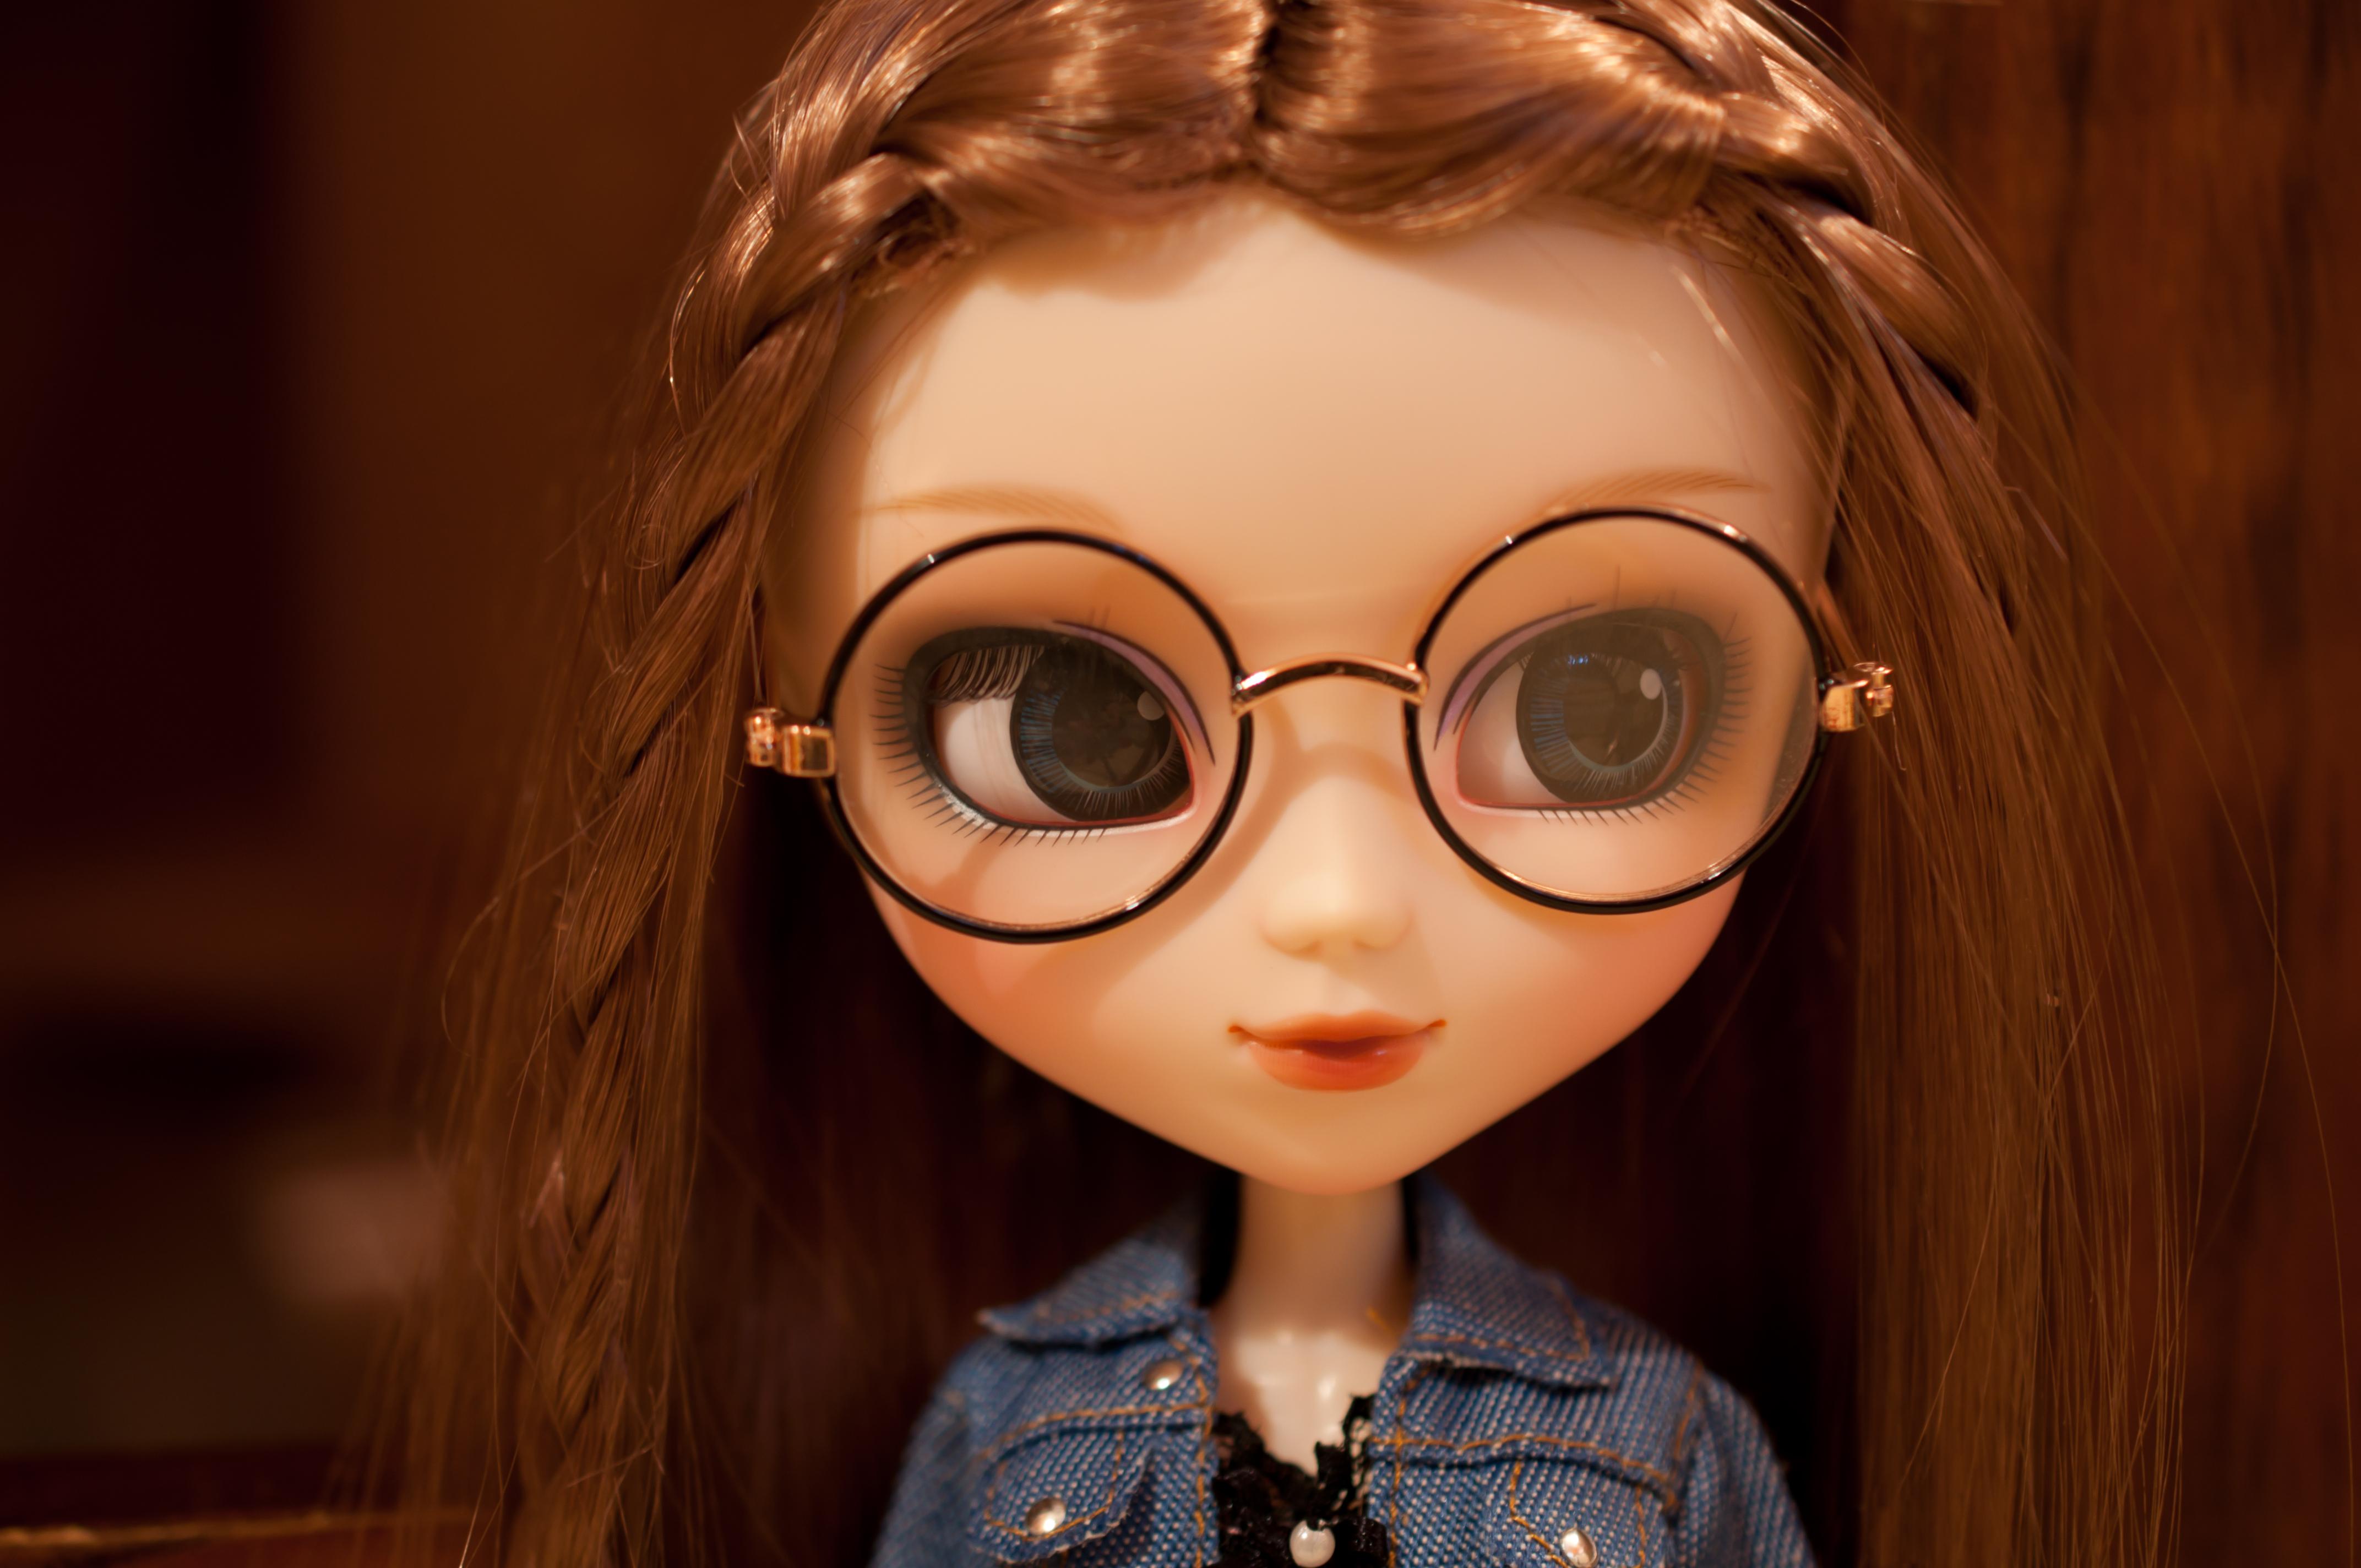 97e45812989d9 Papel de parede   oculos de sol, morena, óculos, Castanho, Tranças,  Brinquedo, boneca, longo, fofa, menina, figura, olho, Kawaii, Pullip,  Rebatizado, ...